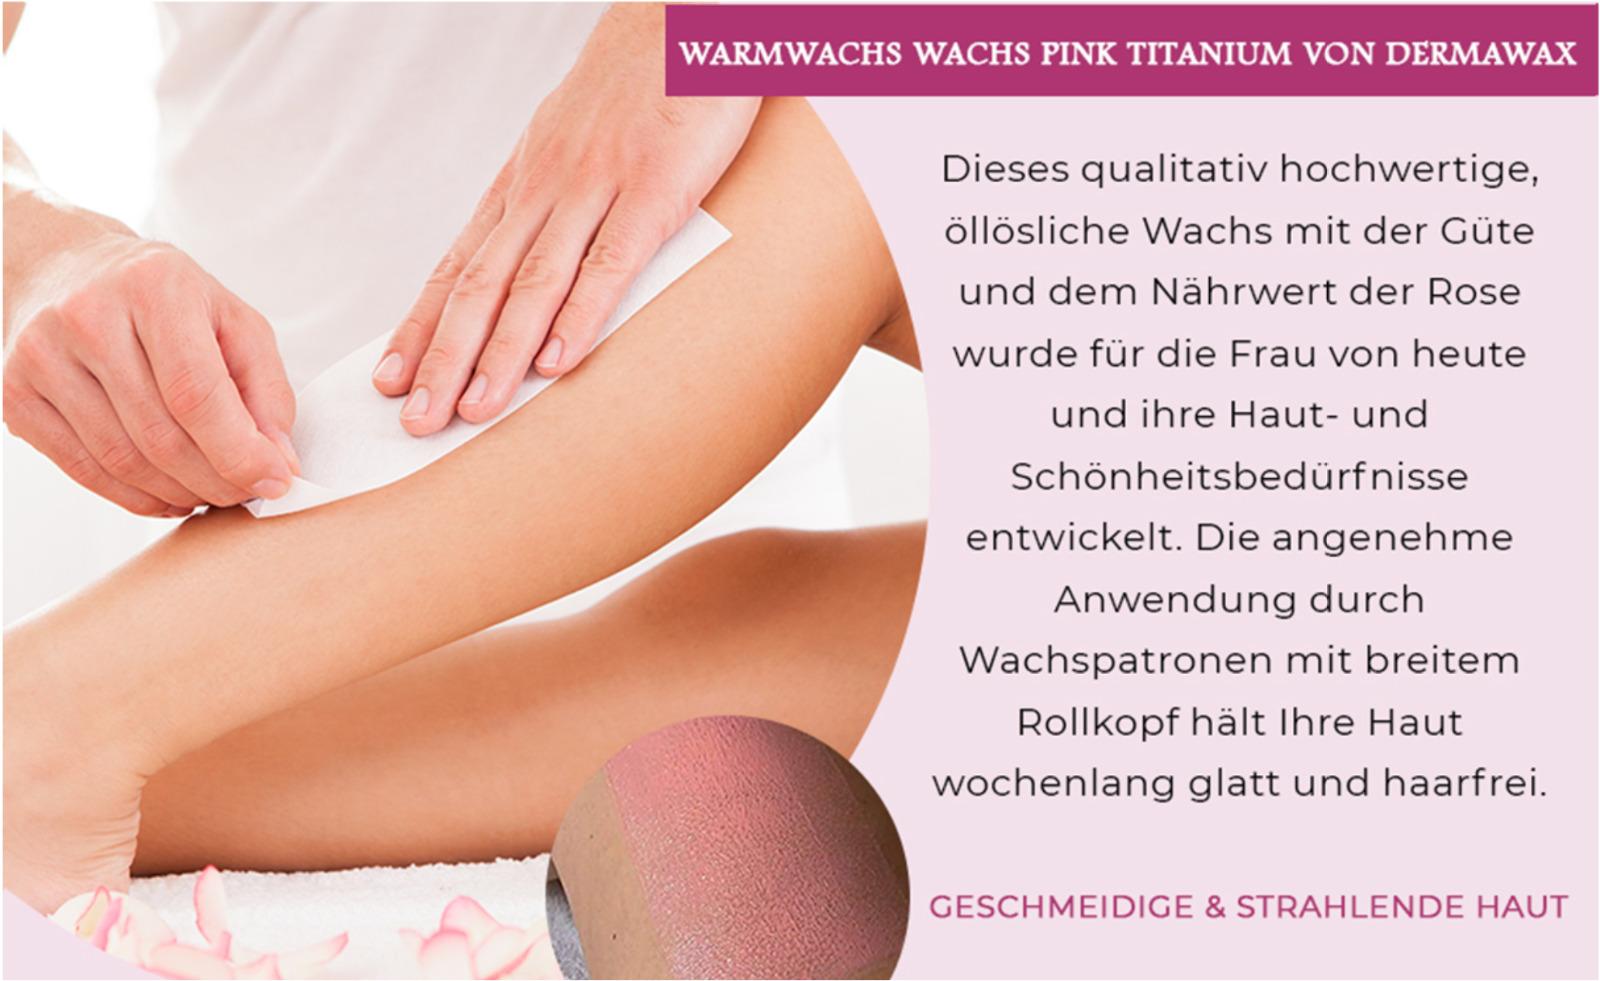 Dermawax Roll-on Pink Wachspatronen Warmwachs zur Haarentfernung Enthaarung